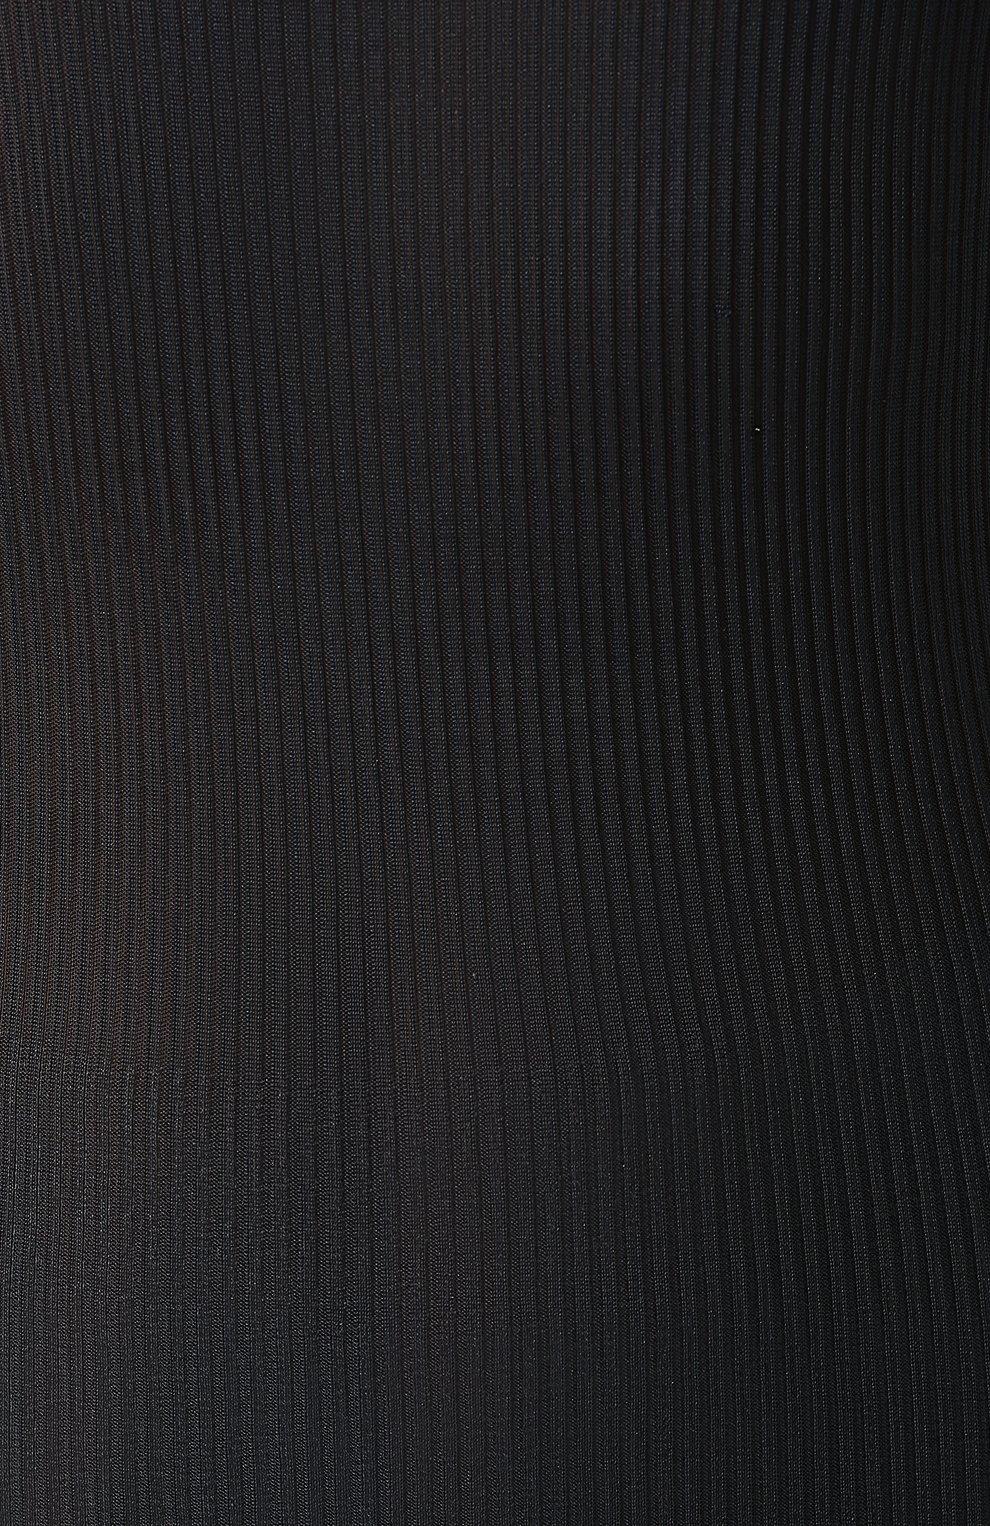 Женская шелковая майка DANA PISARRA серого цвета, арт. PARIGI/SE03 | Фото 5